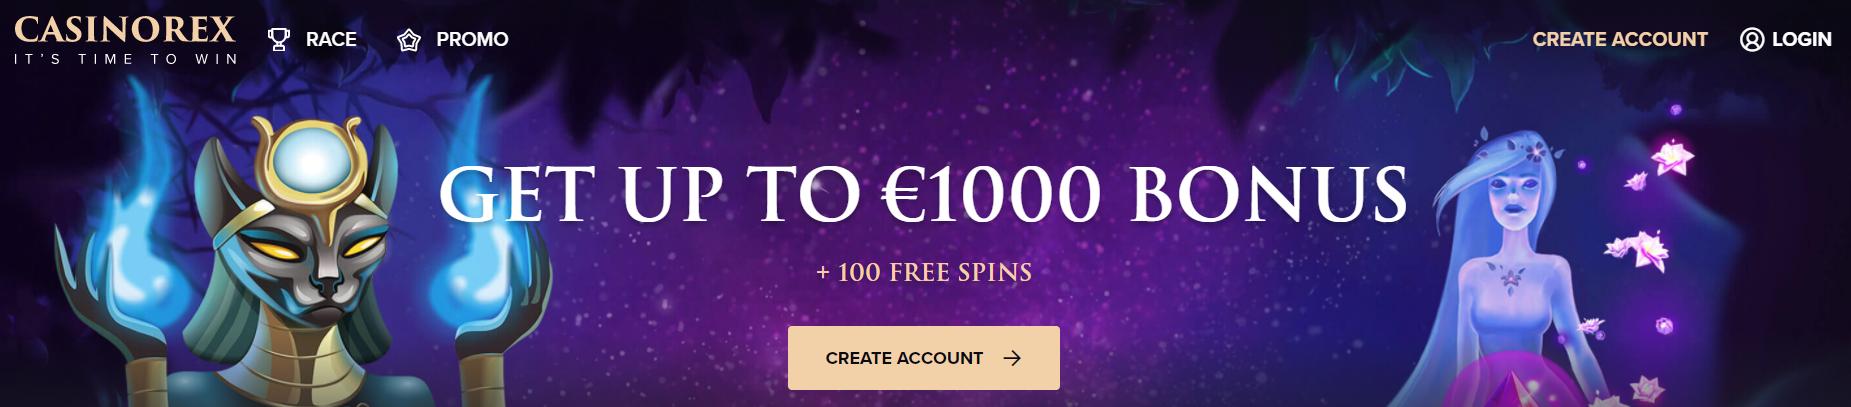 Casinorex Freespins